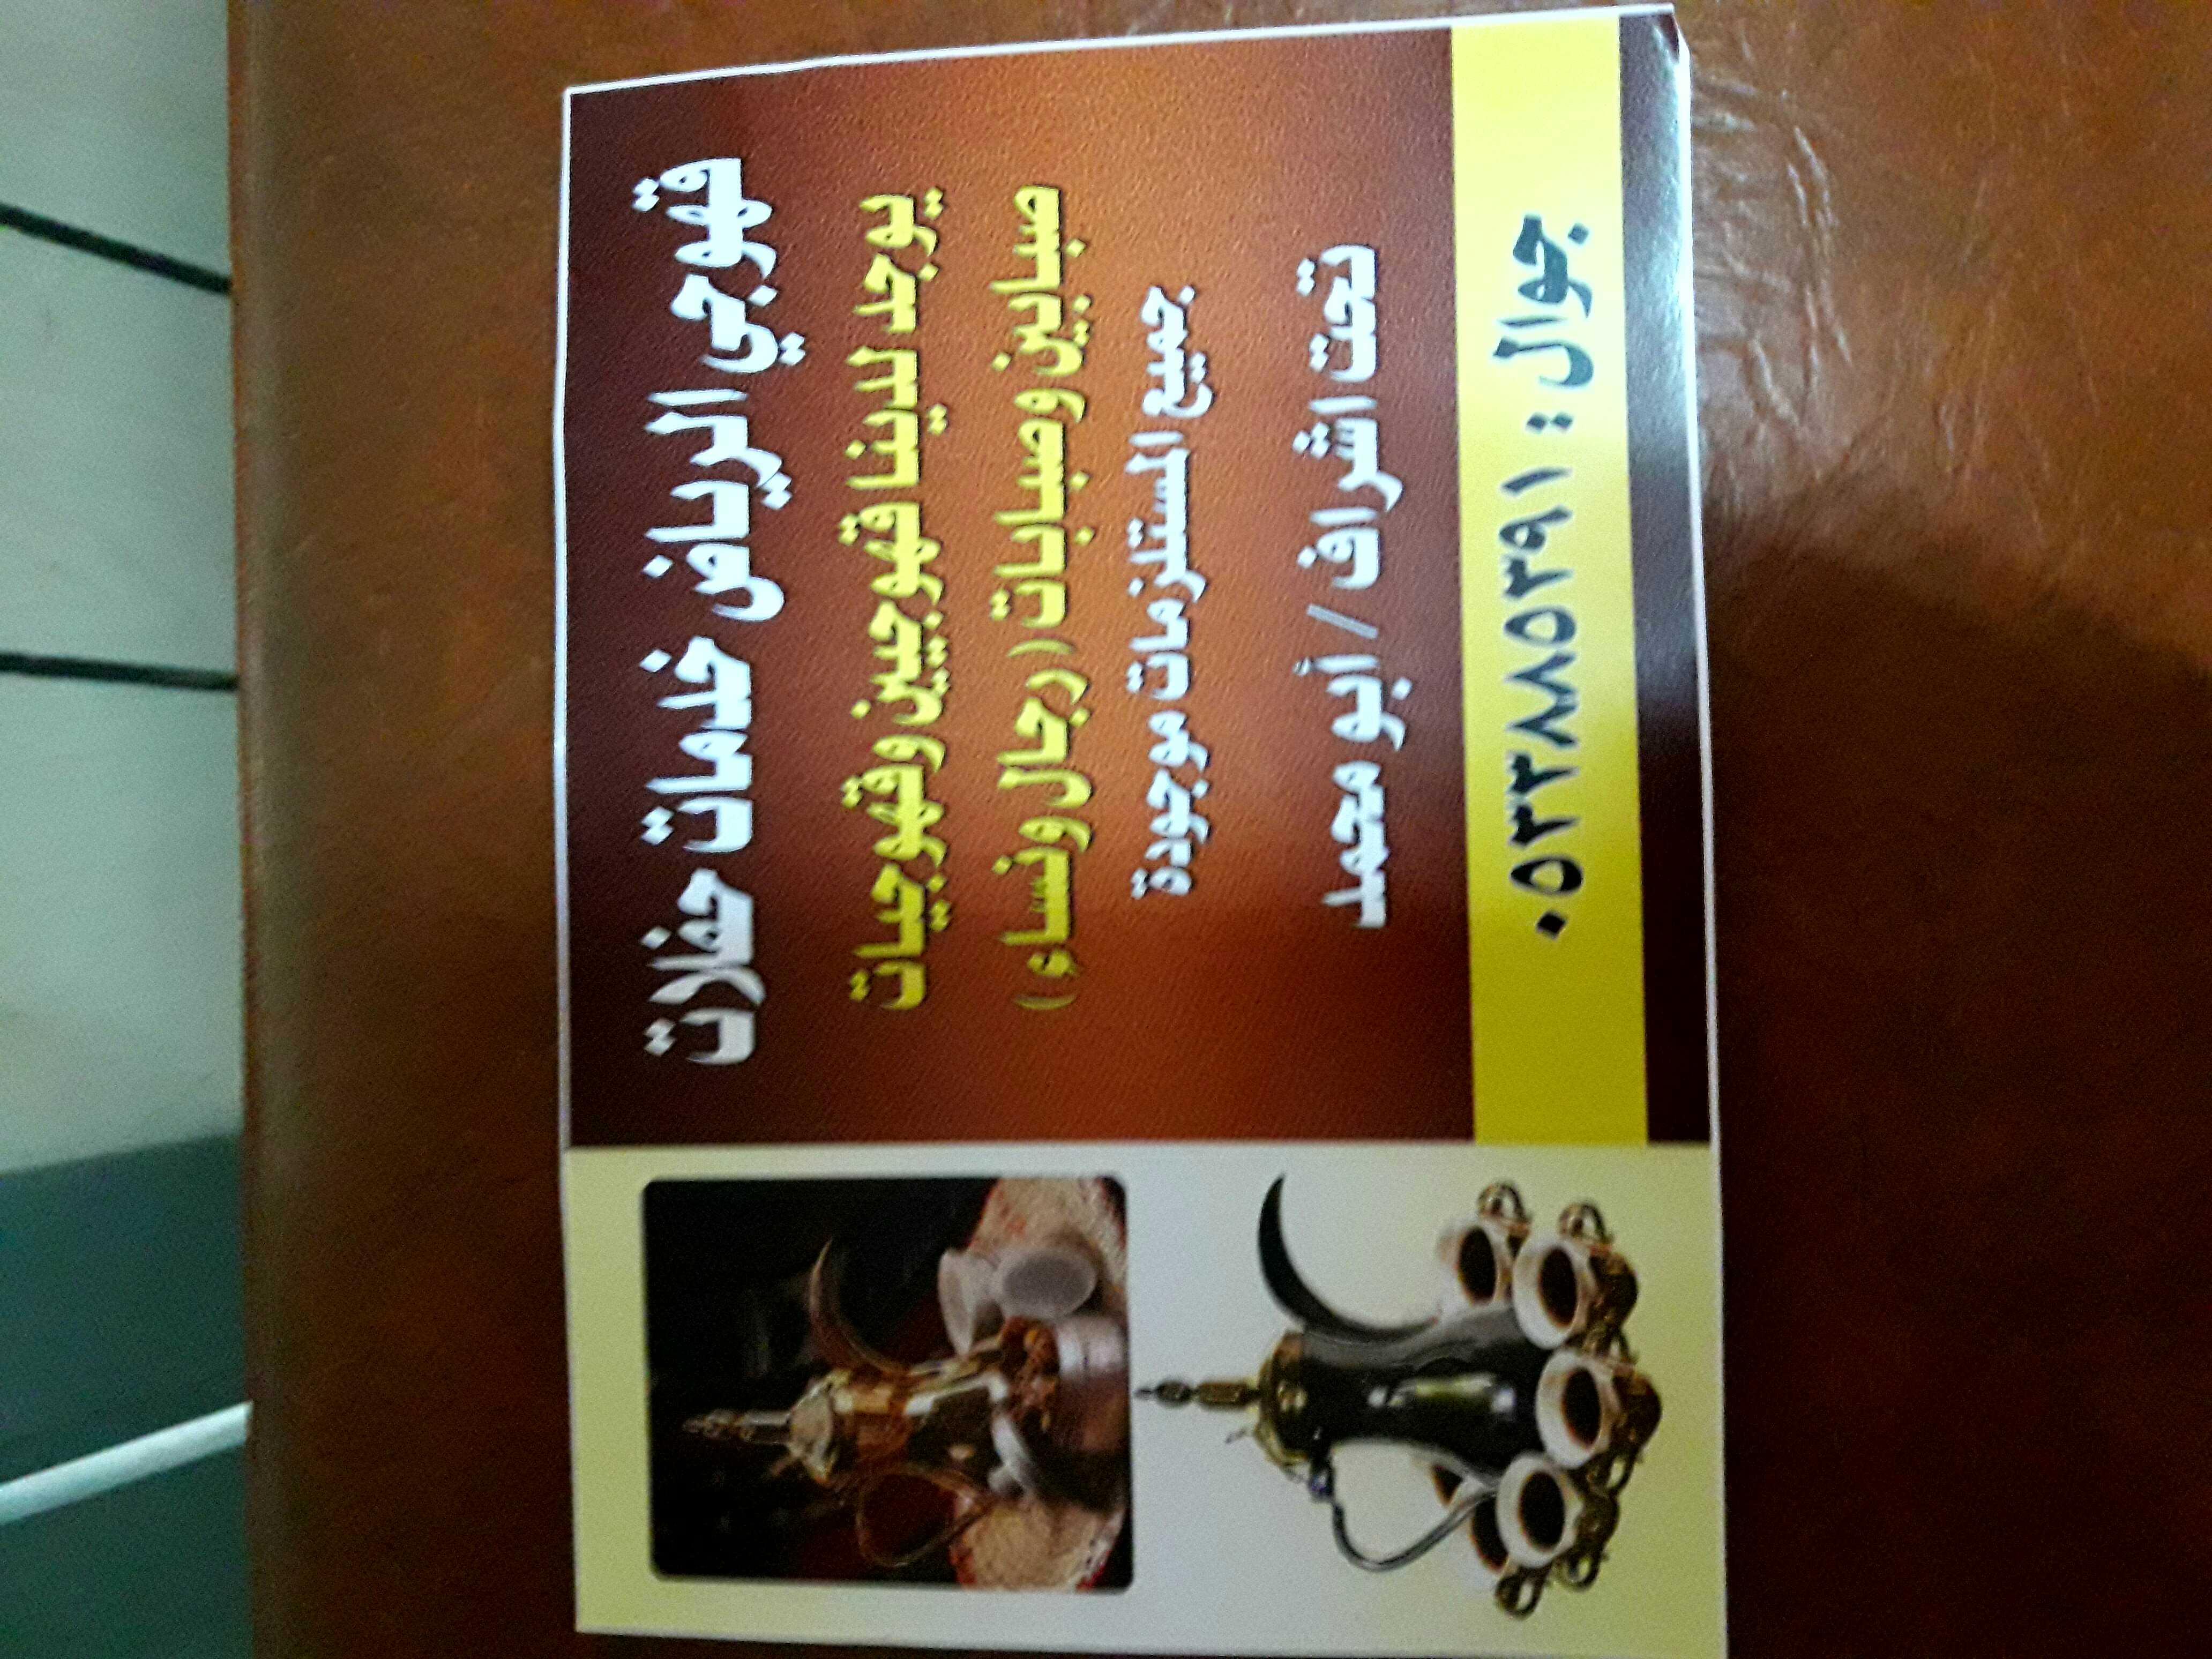 قهوجي الرياض 0533885391